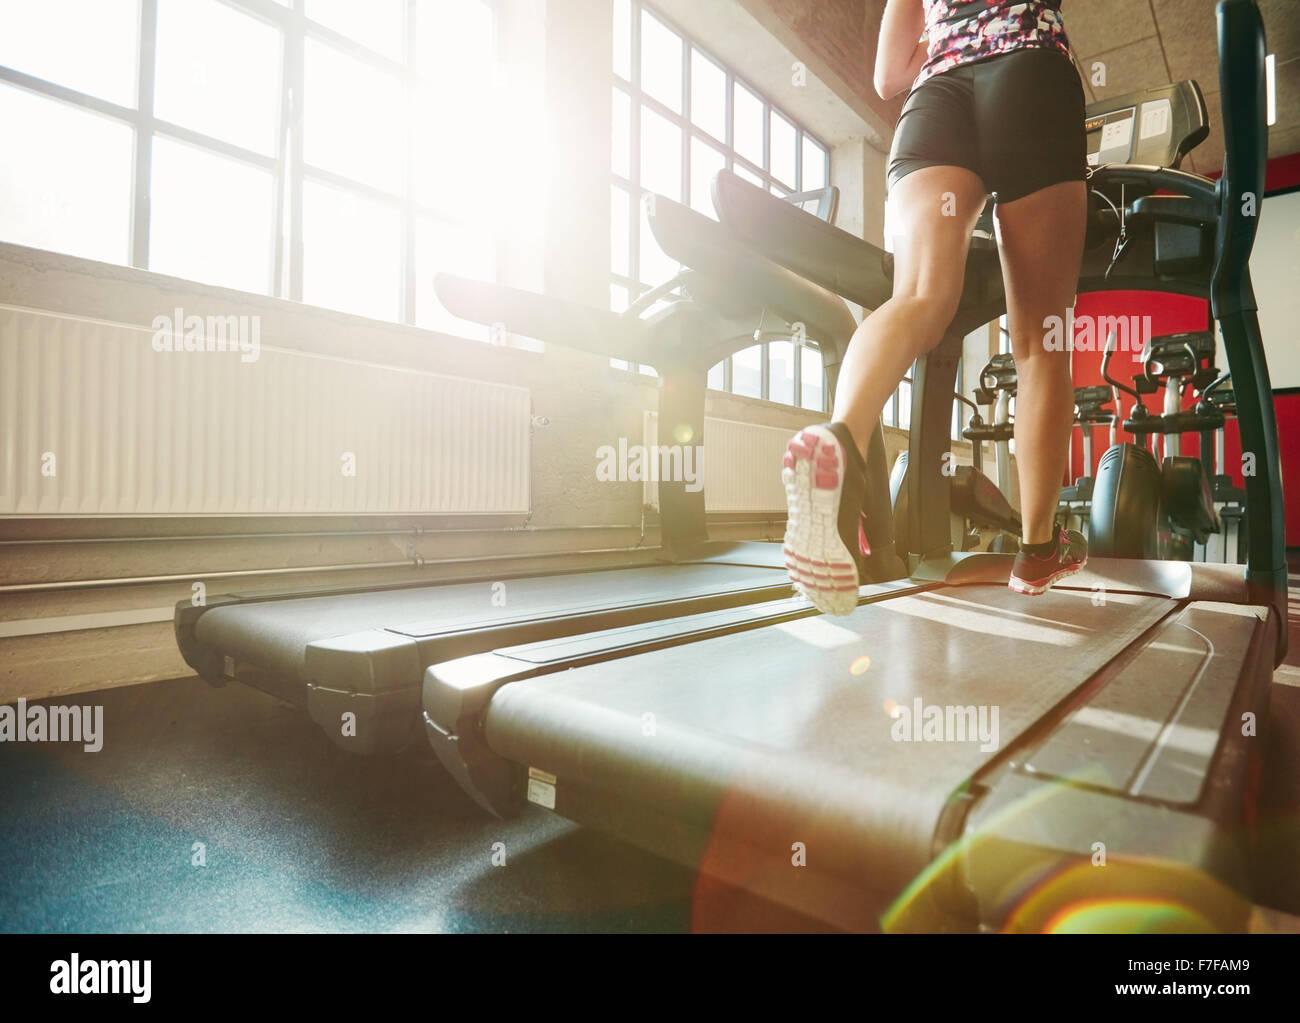 Vista posteriore della donna in azione in esecuzione sul tapis roulant. Focus sulla donna gambe esercizio sul tapis Immagini Stock